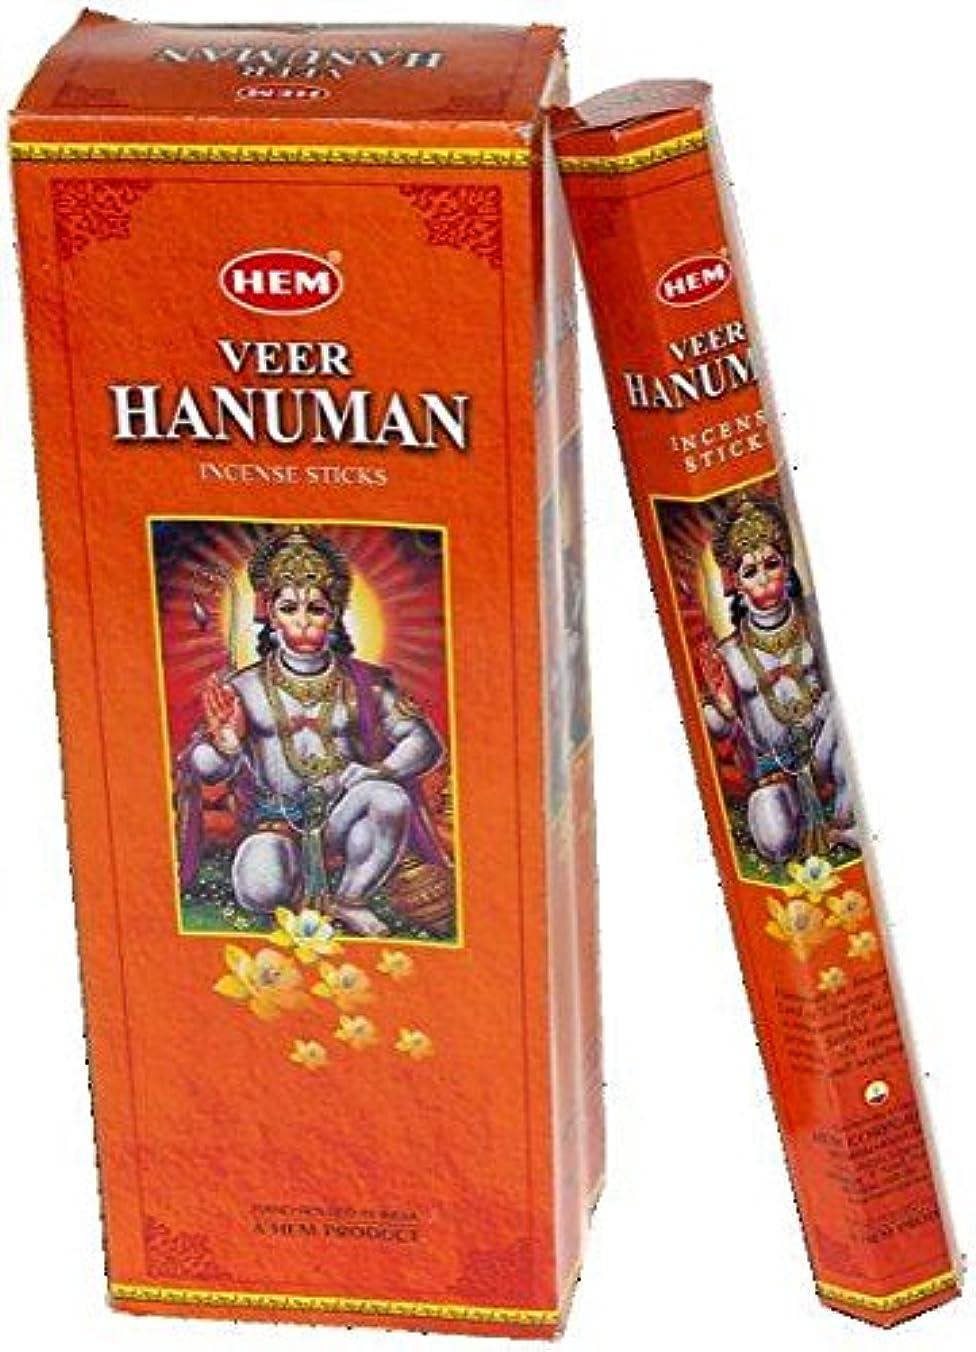 喉頭抵抗力がある増加するHEM (ヘム) インセンス スティック へキサパック ハヌマーン ハヌマン香 6角(20本入)×1箱 [並行輸入品] Hanuman